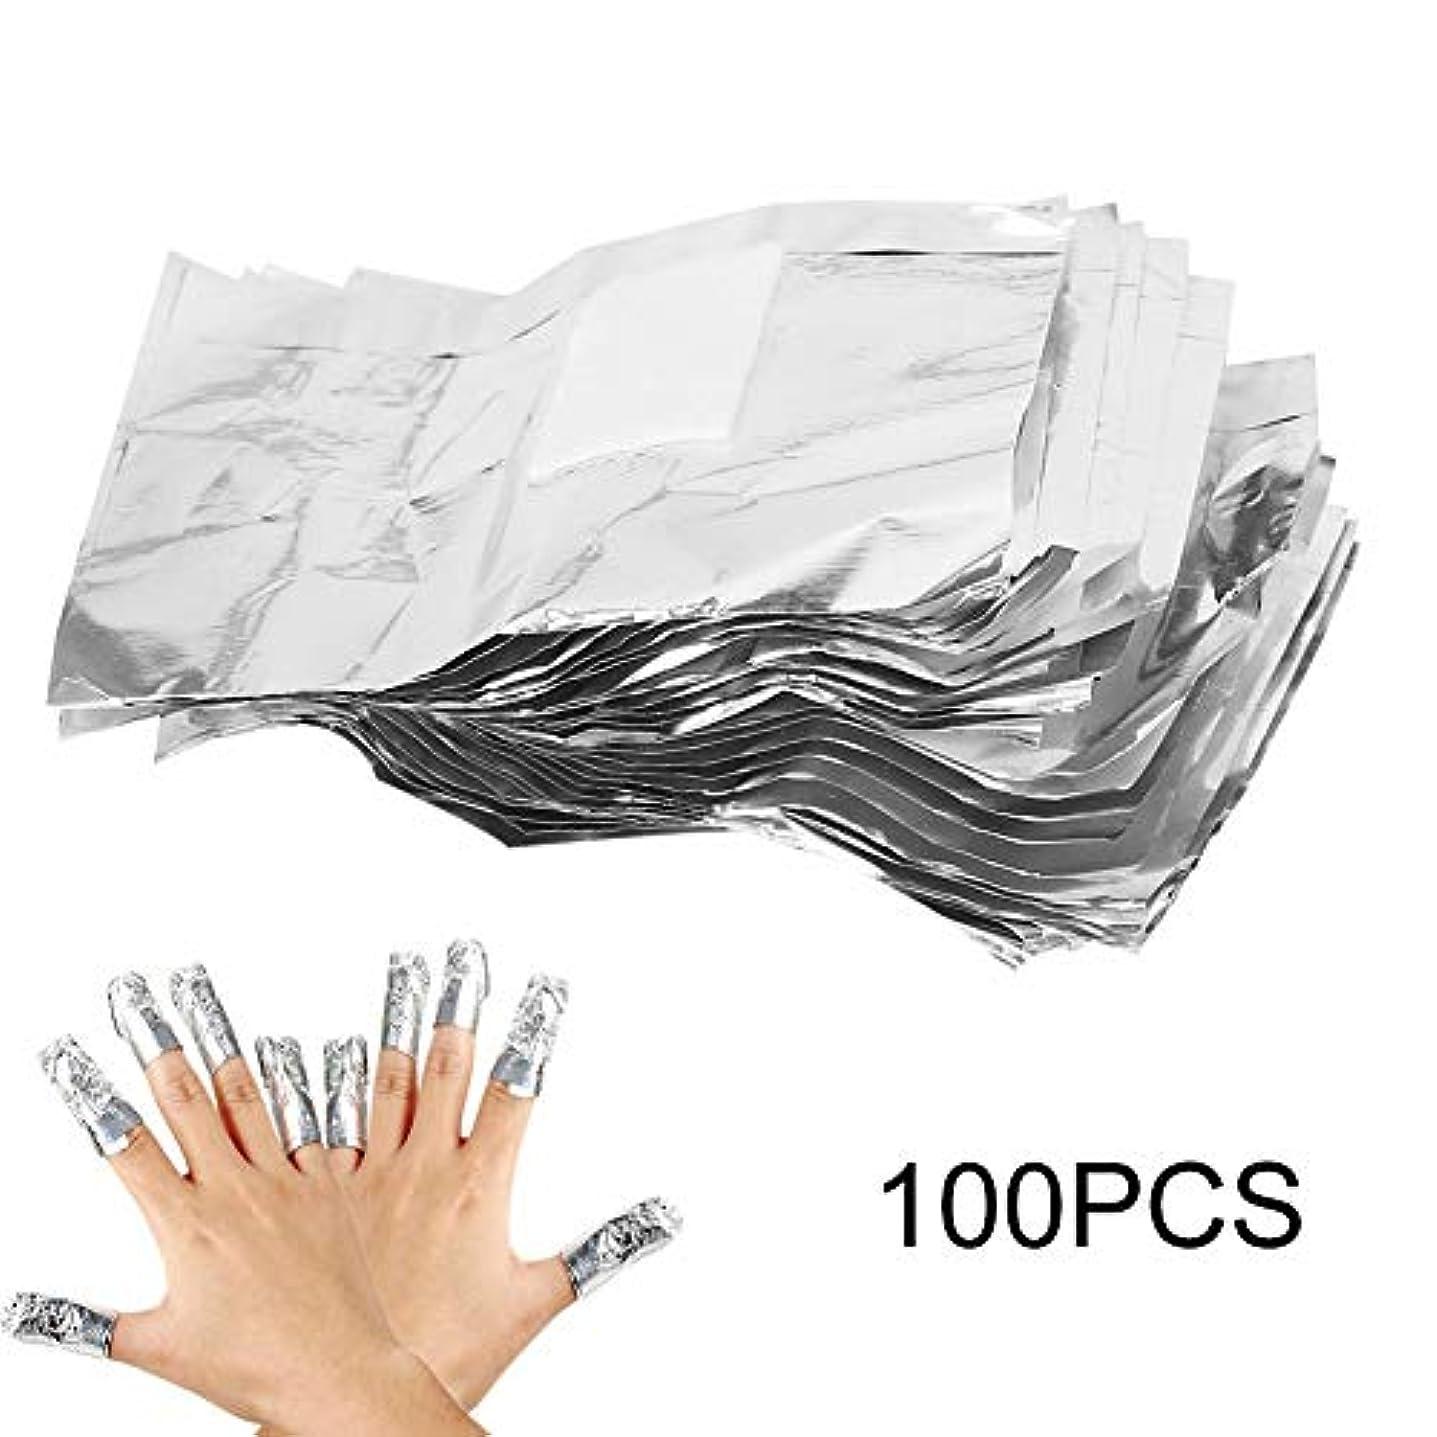 銀河ブロンズ放置ネイルポリッシュリムーバークリップ マニキュアの除去剤 錫ホイル 100Pcs オレンジ 色棒付き紫外線ゲルの除去剤の綿パッドを包みます